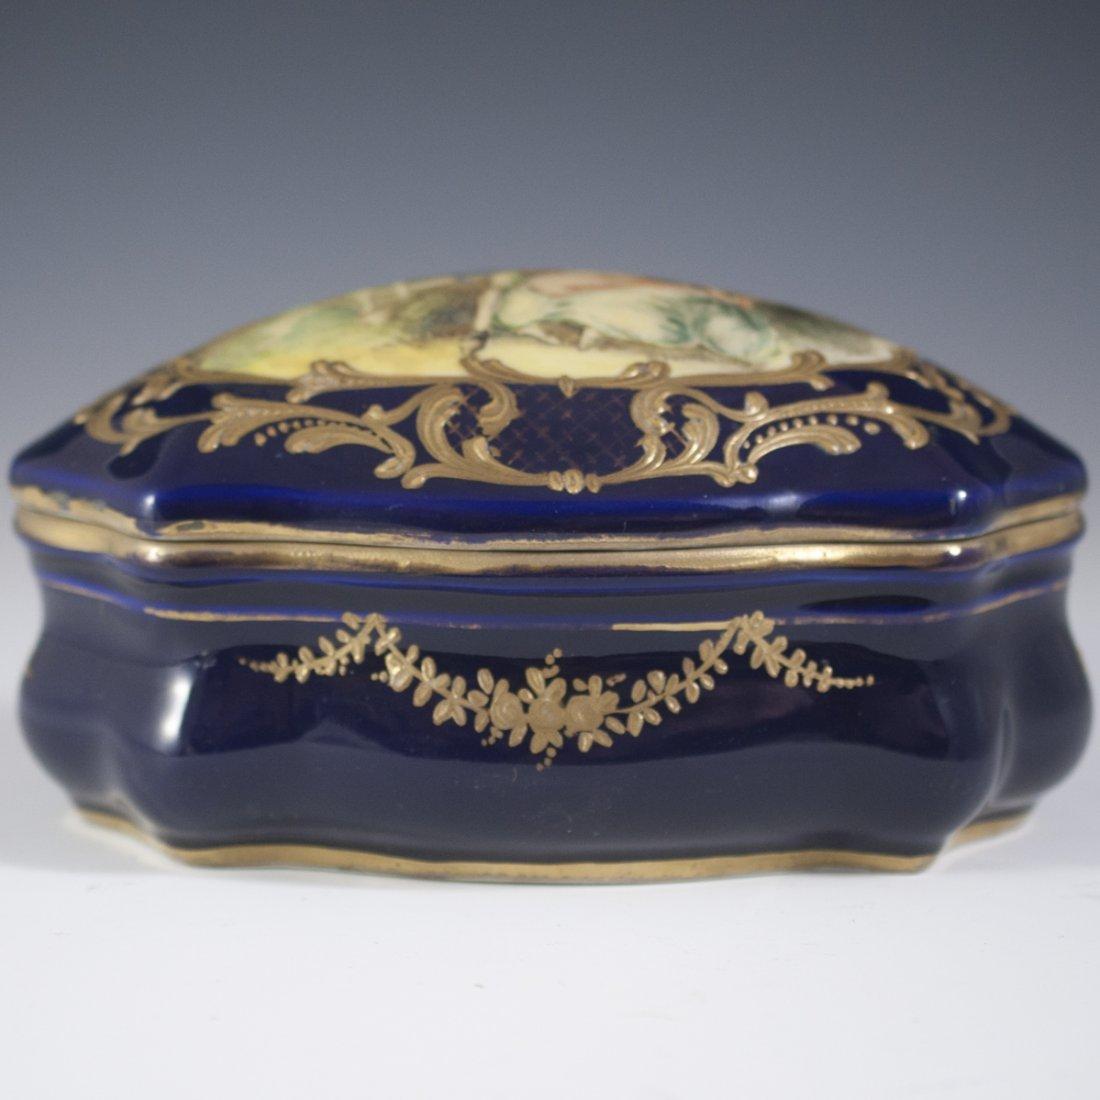 Antique Sevres Porcelain Trinket Box - 4